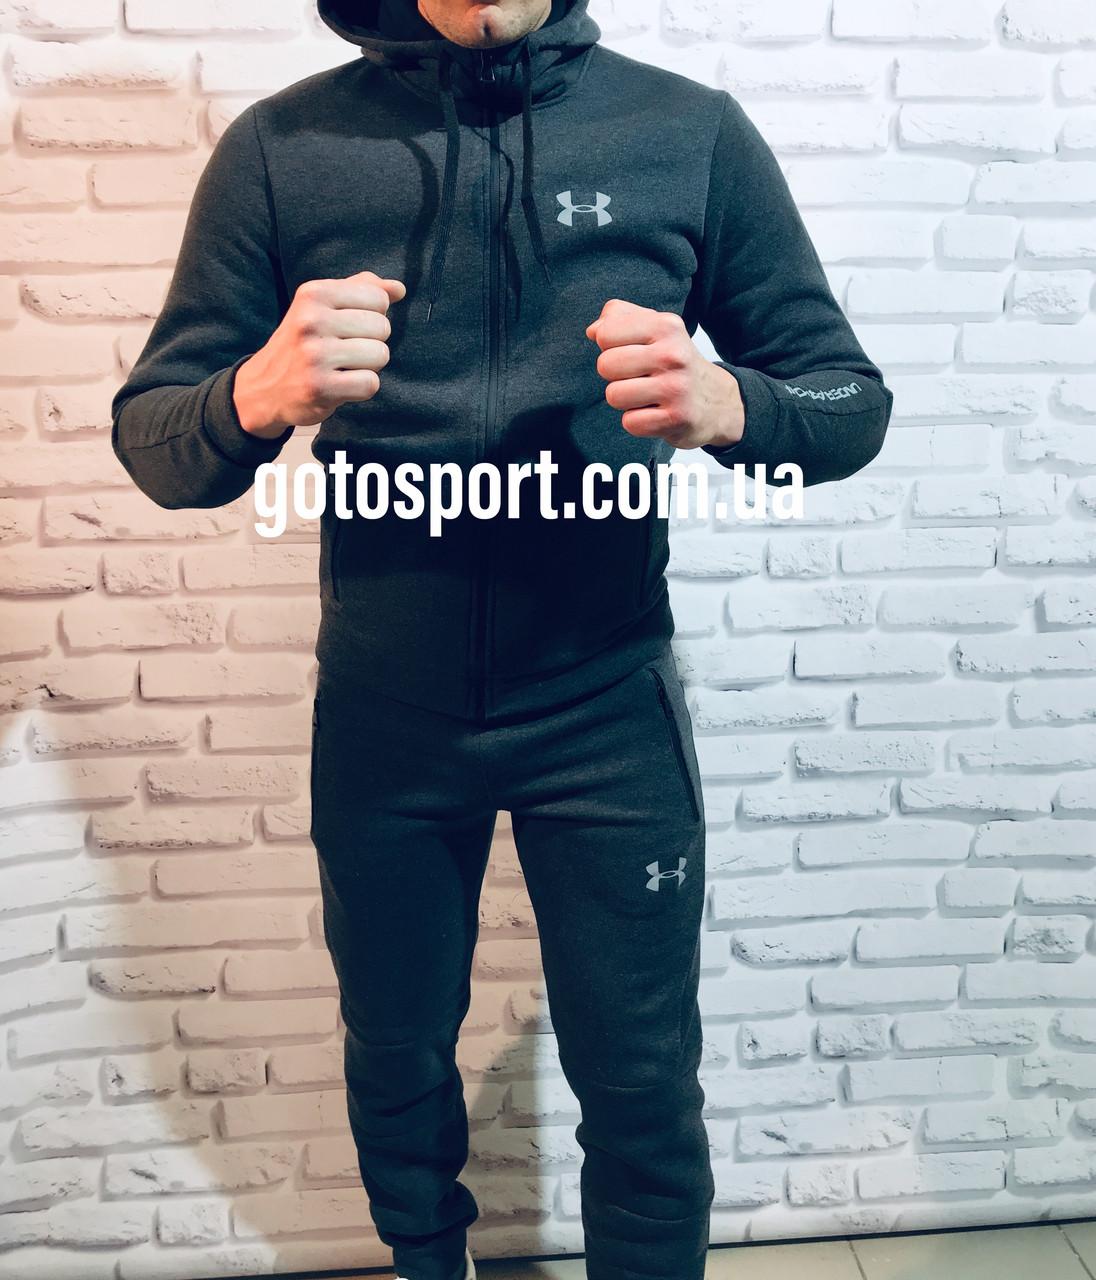 a778df71 Мужской теплый спортивный костюм Under Armour серый - Интернет-магазин  спортивной одежды